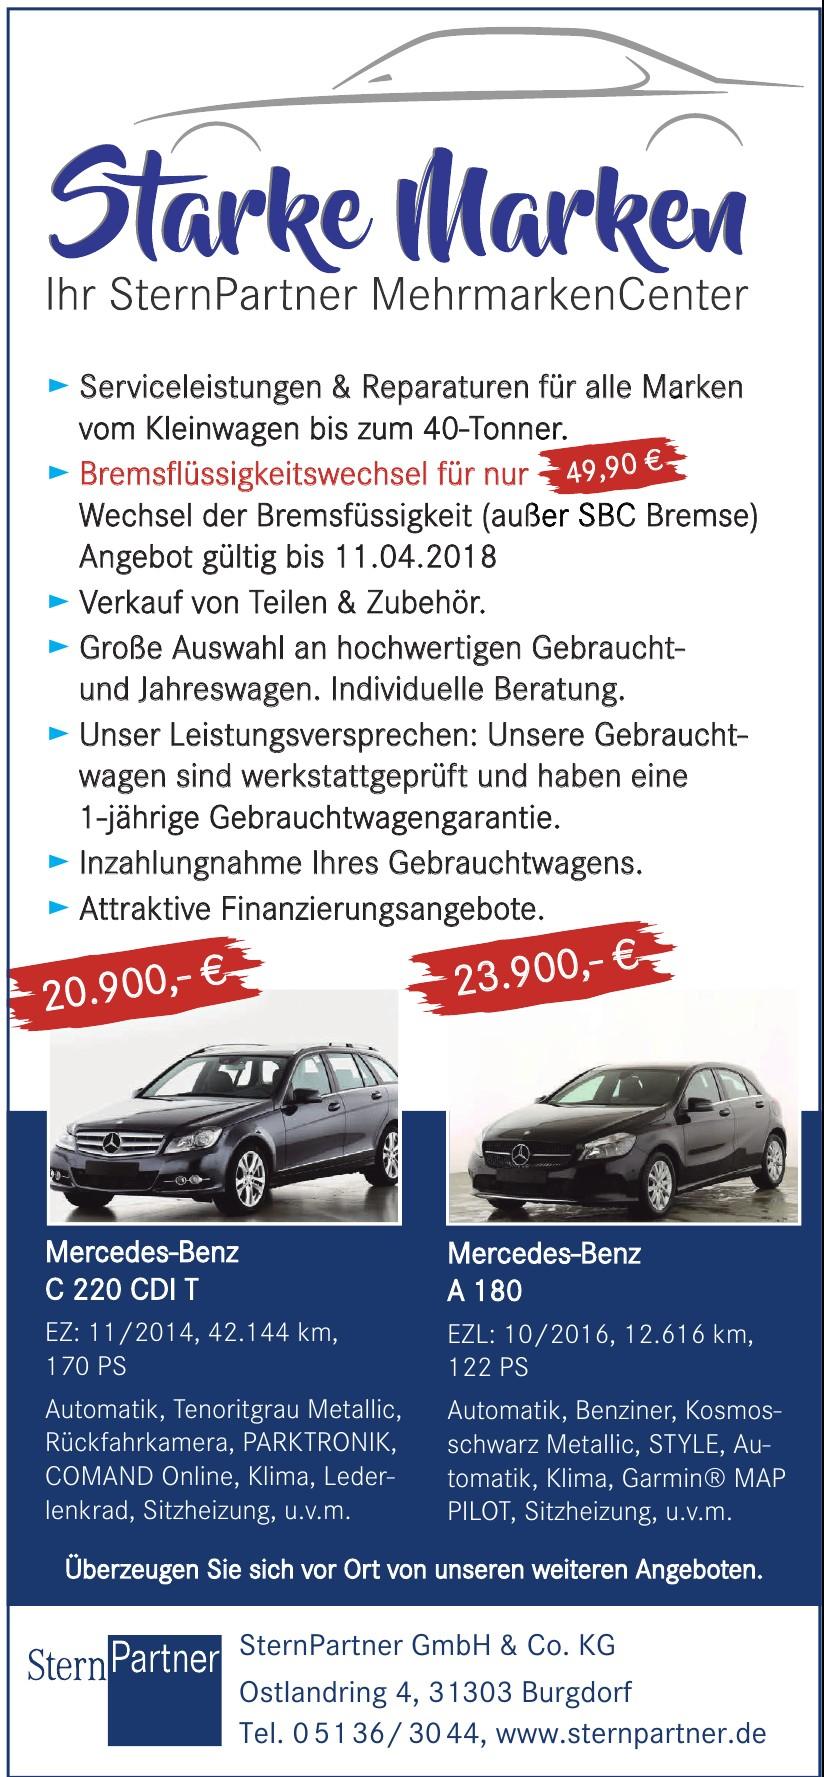 SternPartner GmbH & Co. KG